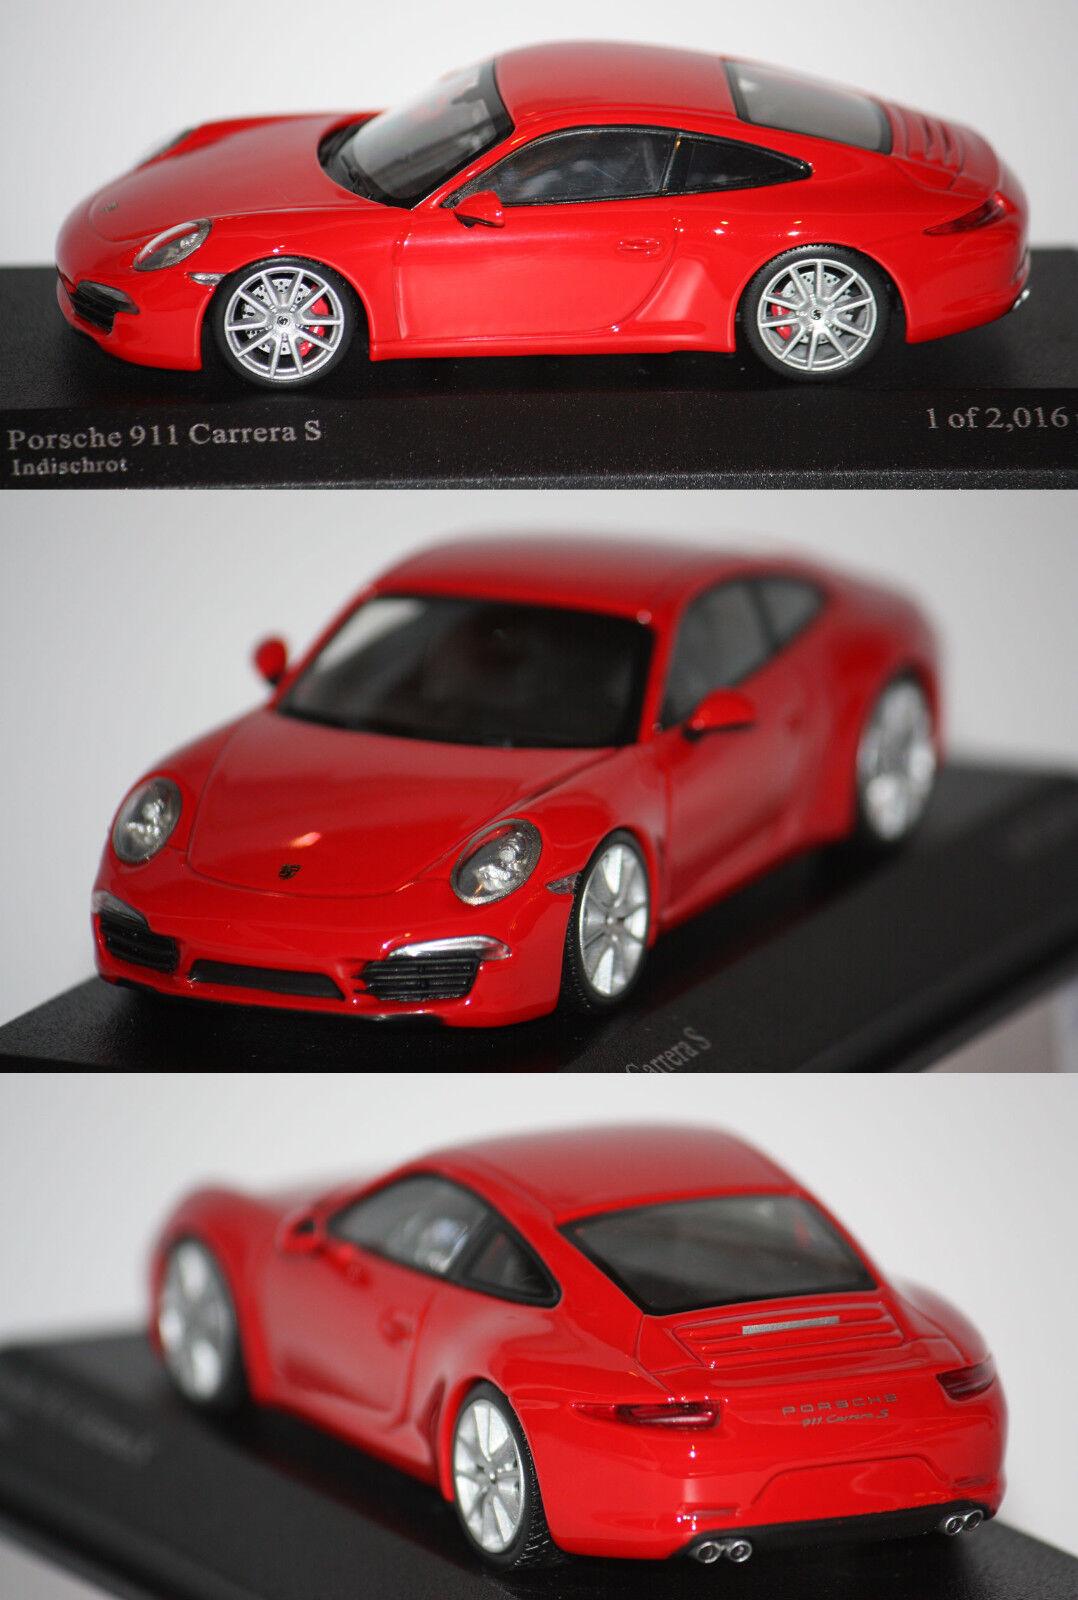 Bonnes vacances, bonne action Minichamps Porsche 911 (991) Carrera S 2012 rouge 1/43 410060220 | Online Store  | De Fin D'année Bonnes Affaires Vente  | Belle Couleur  | Les Produits De Base Sont